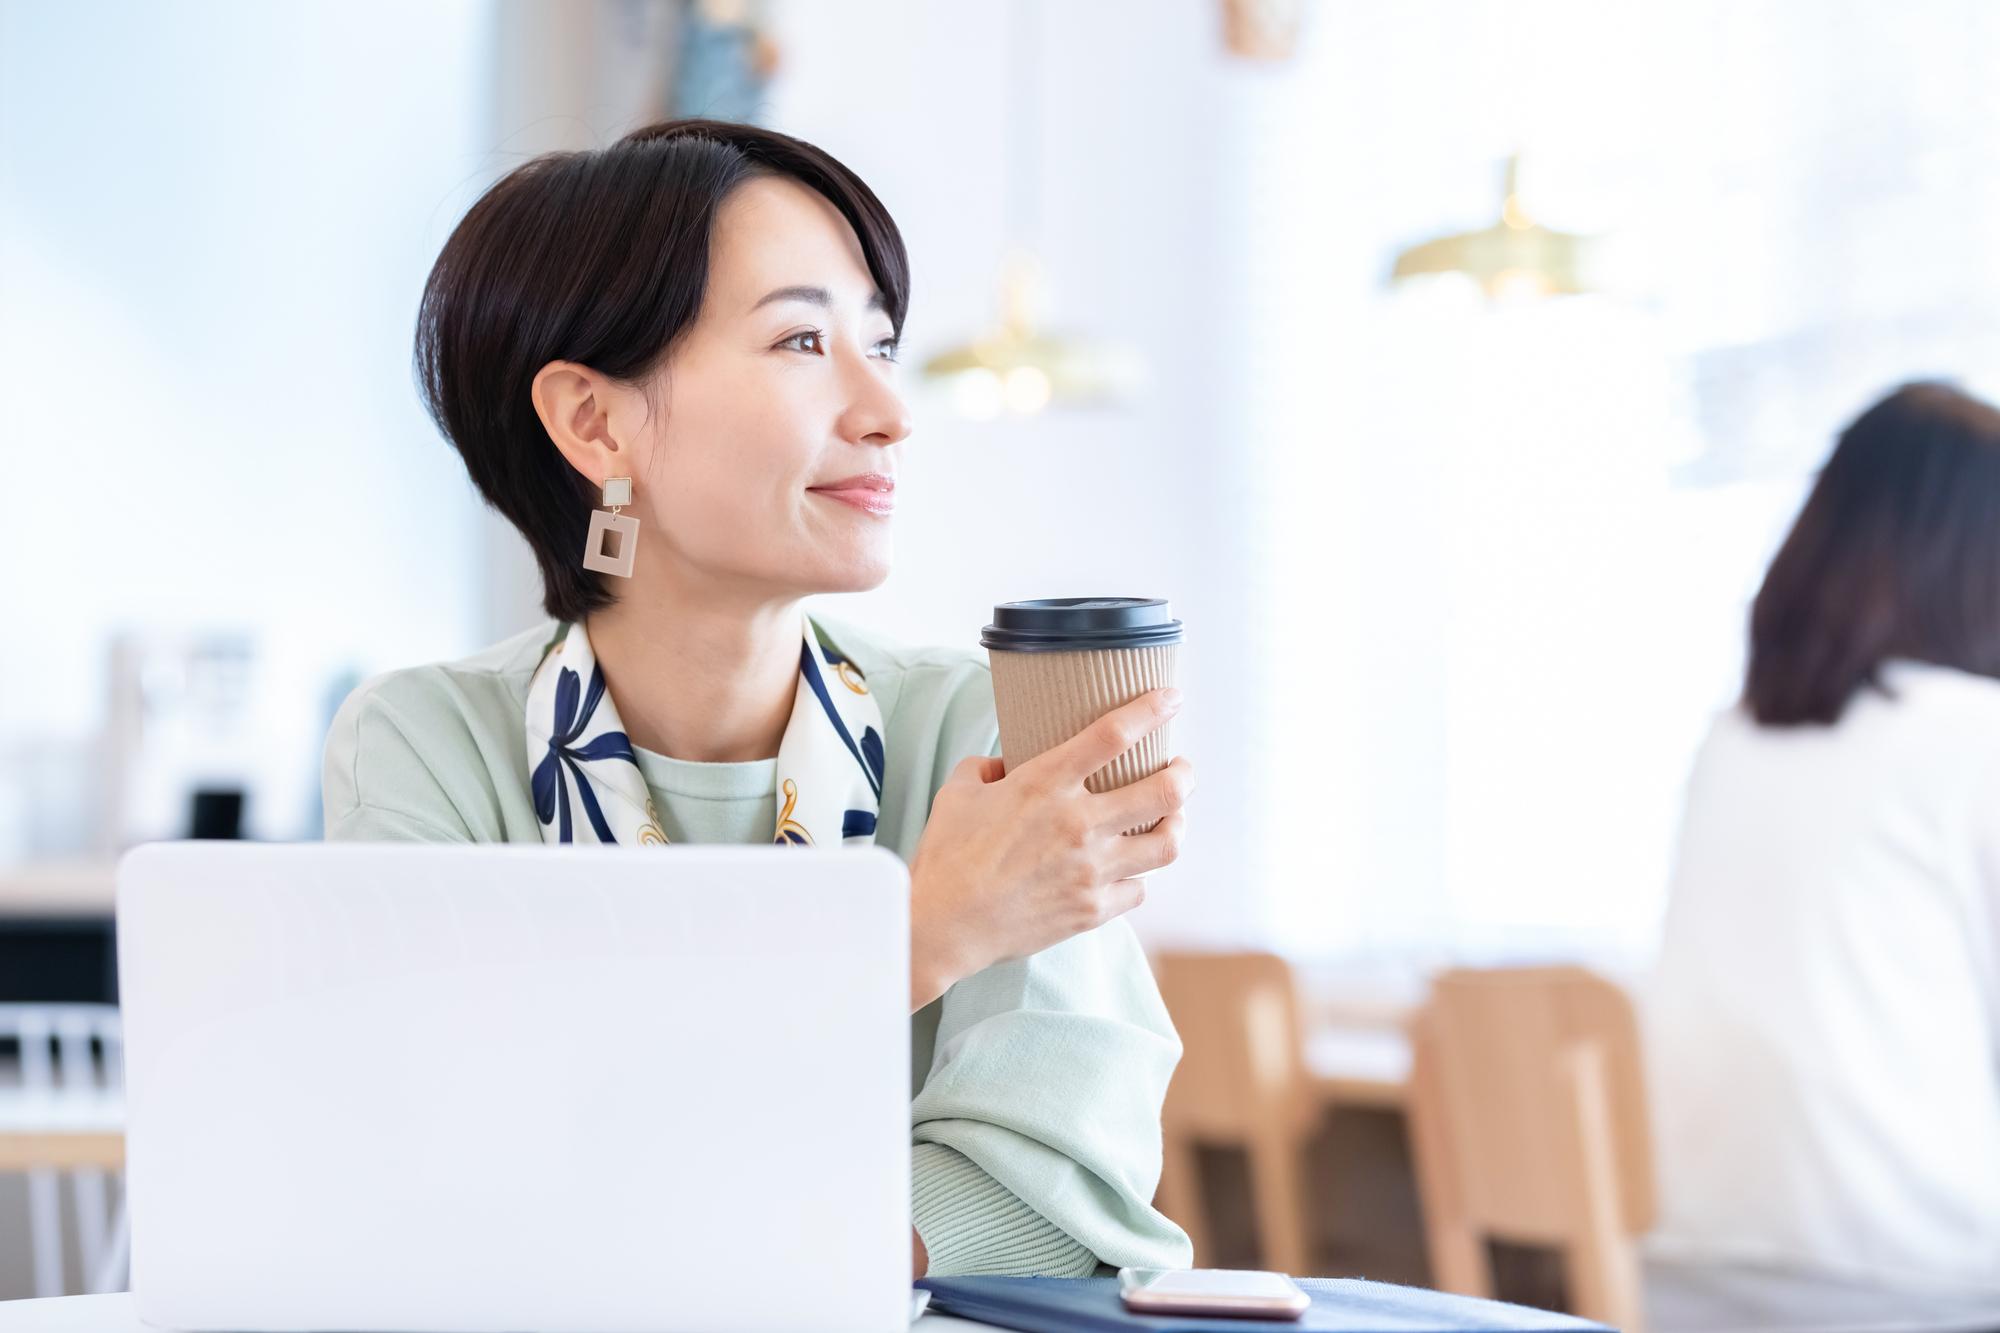 仕事のモチベーションアップを狙う!参考にしたい福利厚生アイデア